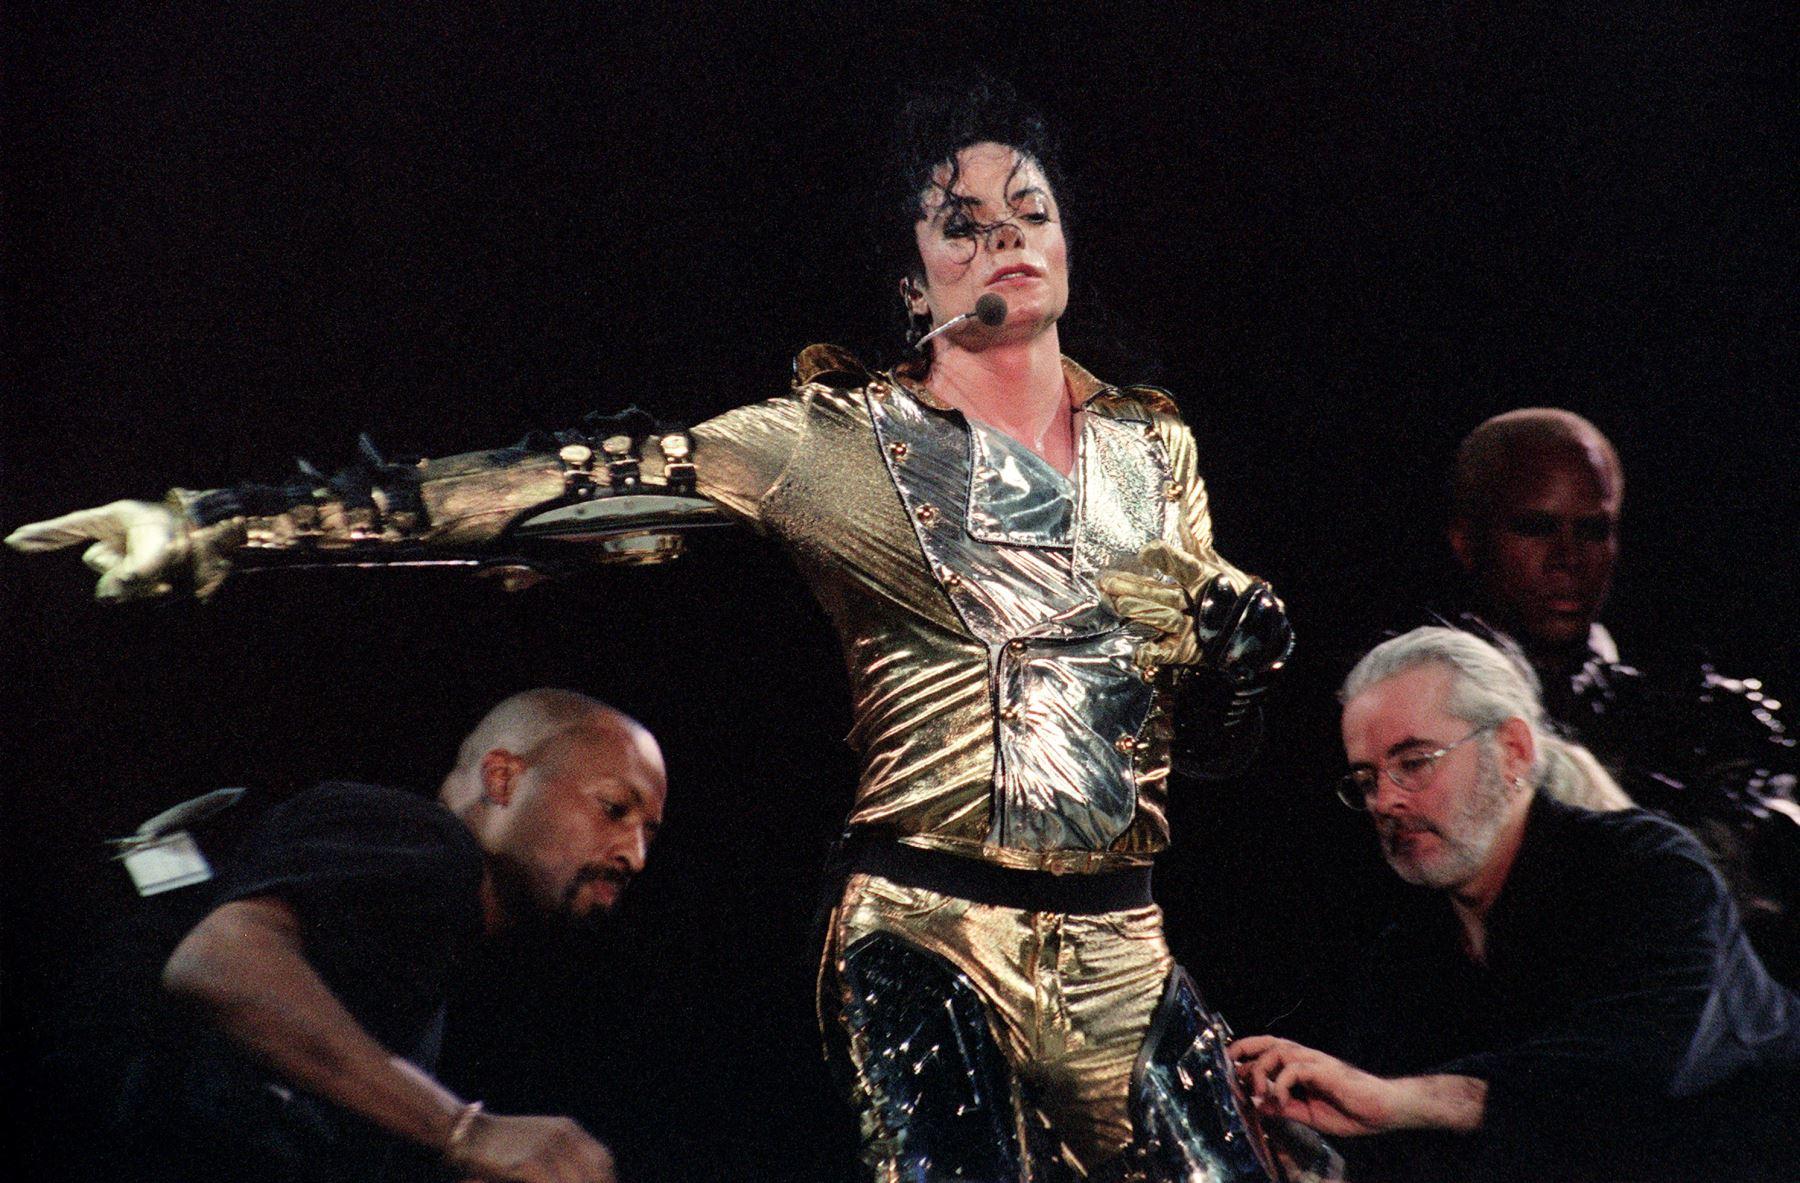 El actor y estrella del pop estadounidense Michael Jackson recibe ayuda de su equipo, quitándose su traje espacial el 25 de octubre de 1996 en Singapur. Foto: AFP